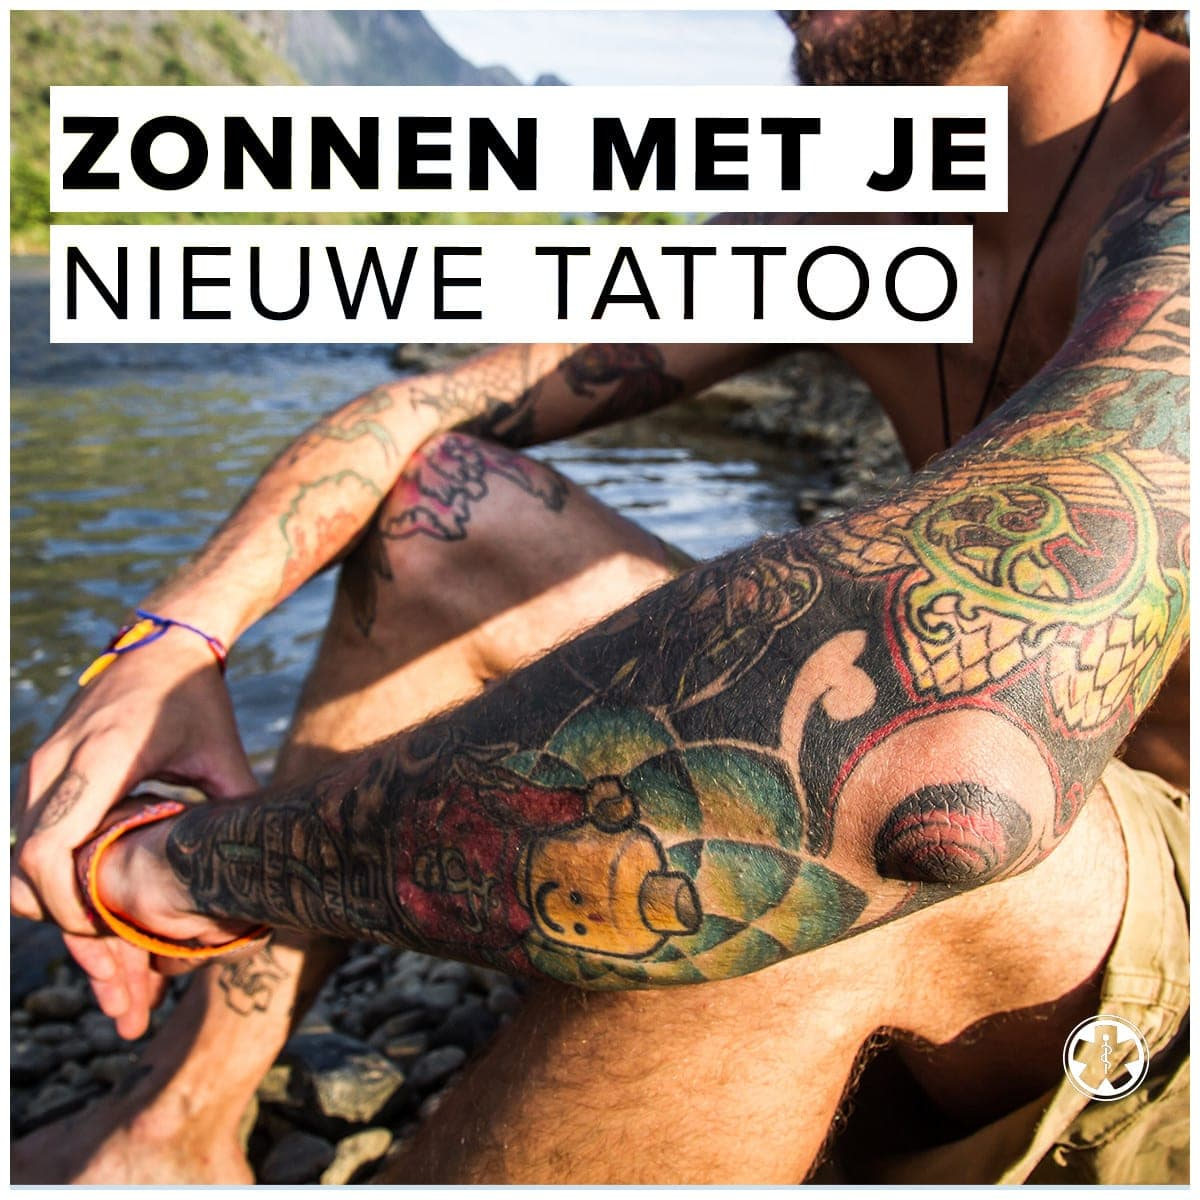 Zonnen met je nieuwe tattoo